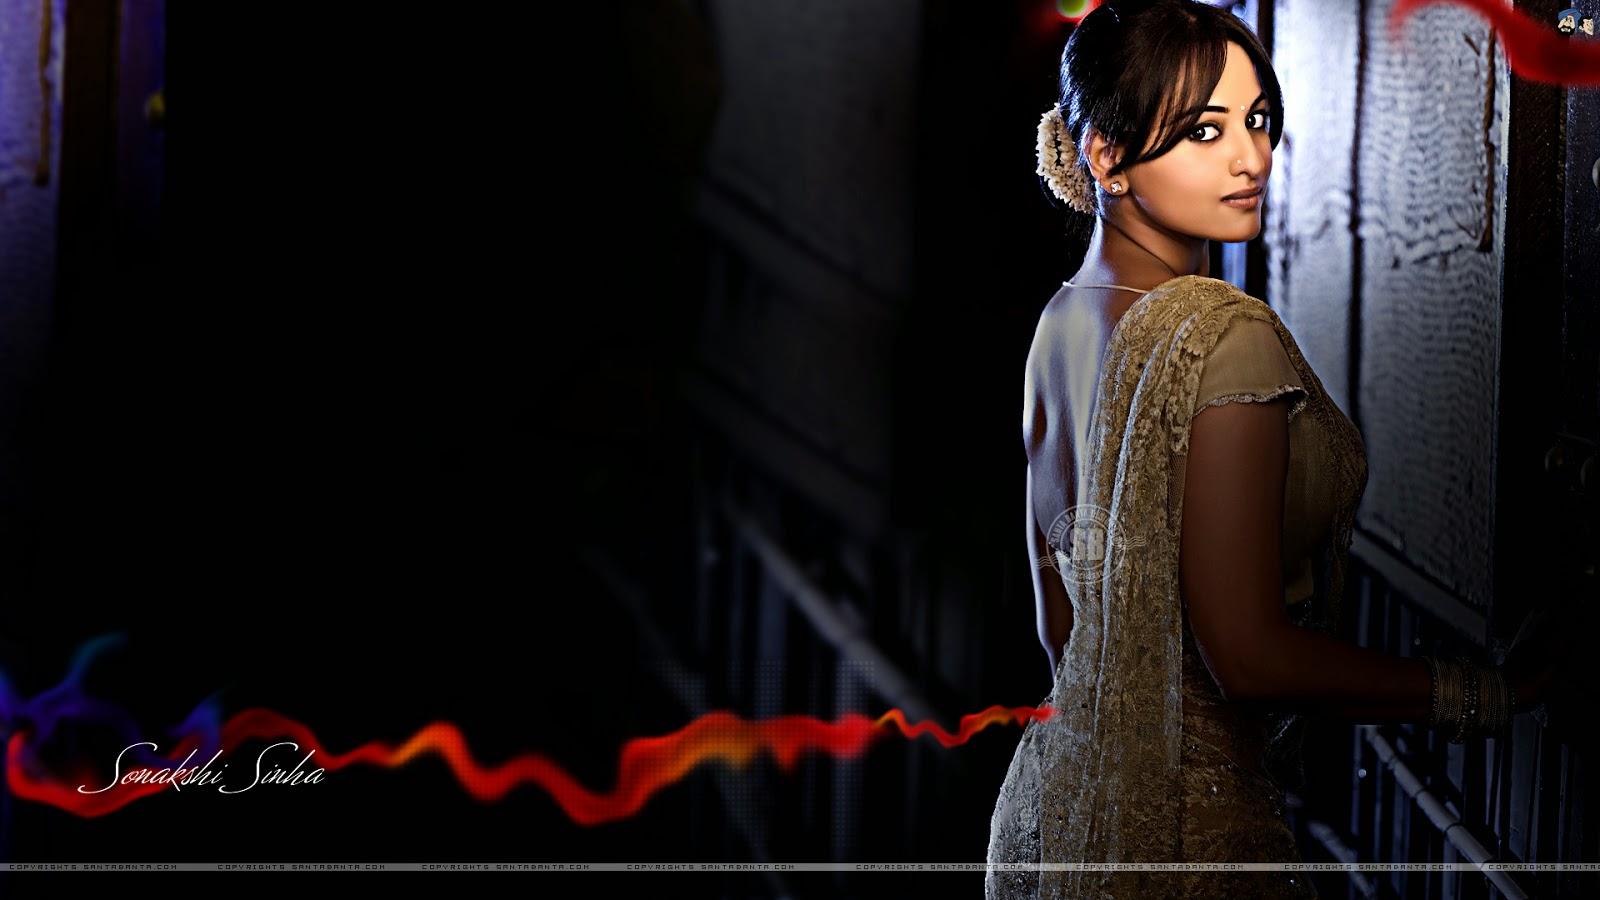 Free Download Bollywood Actress Sonakshi Sinha Full Hd Hot-2455